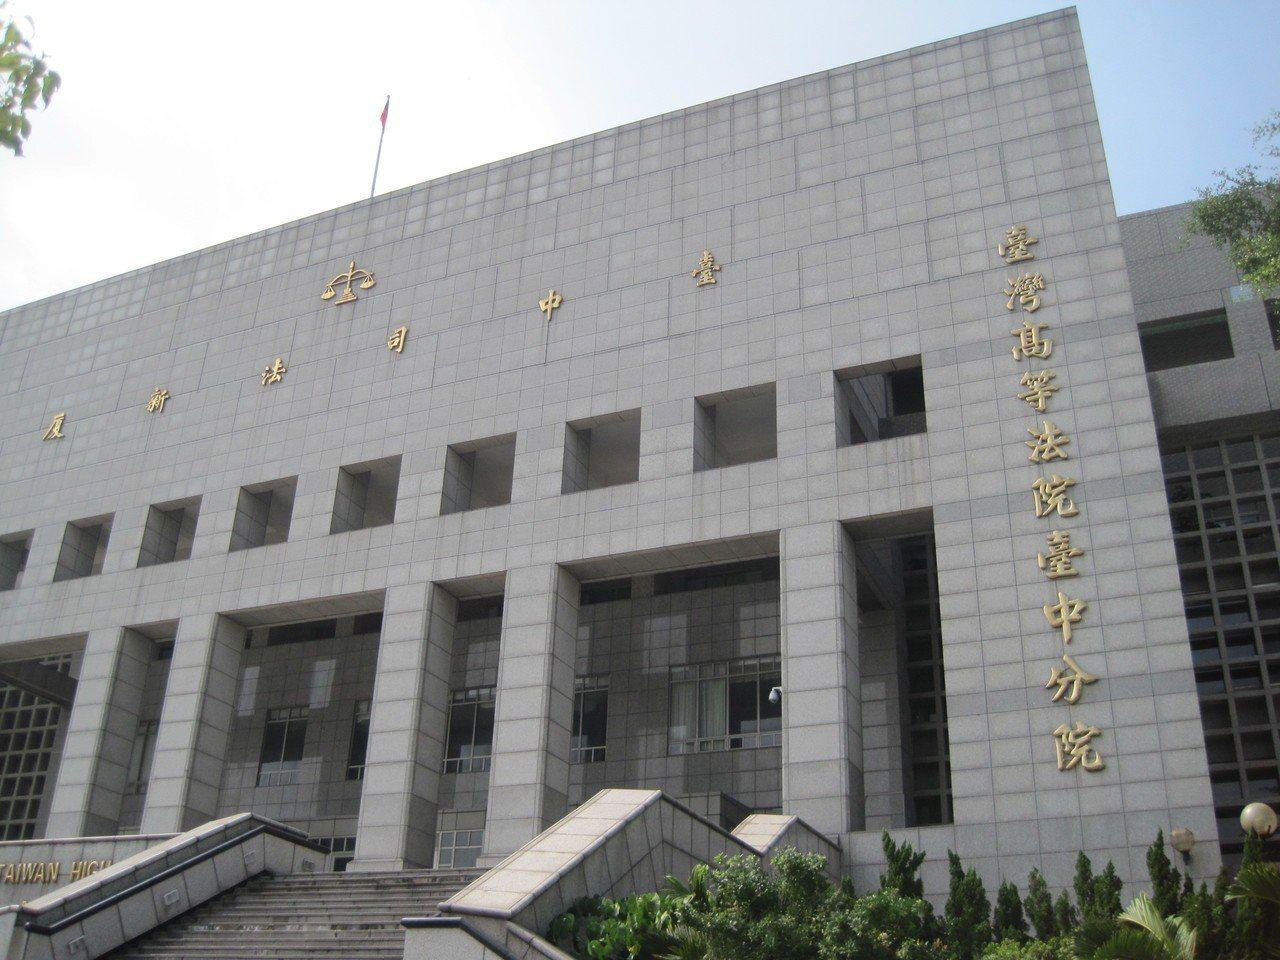 台中高分院依槍砲罪判洪姓男子徒刑1年10月,併科罰金5萬元。記者游振昇/攝影